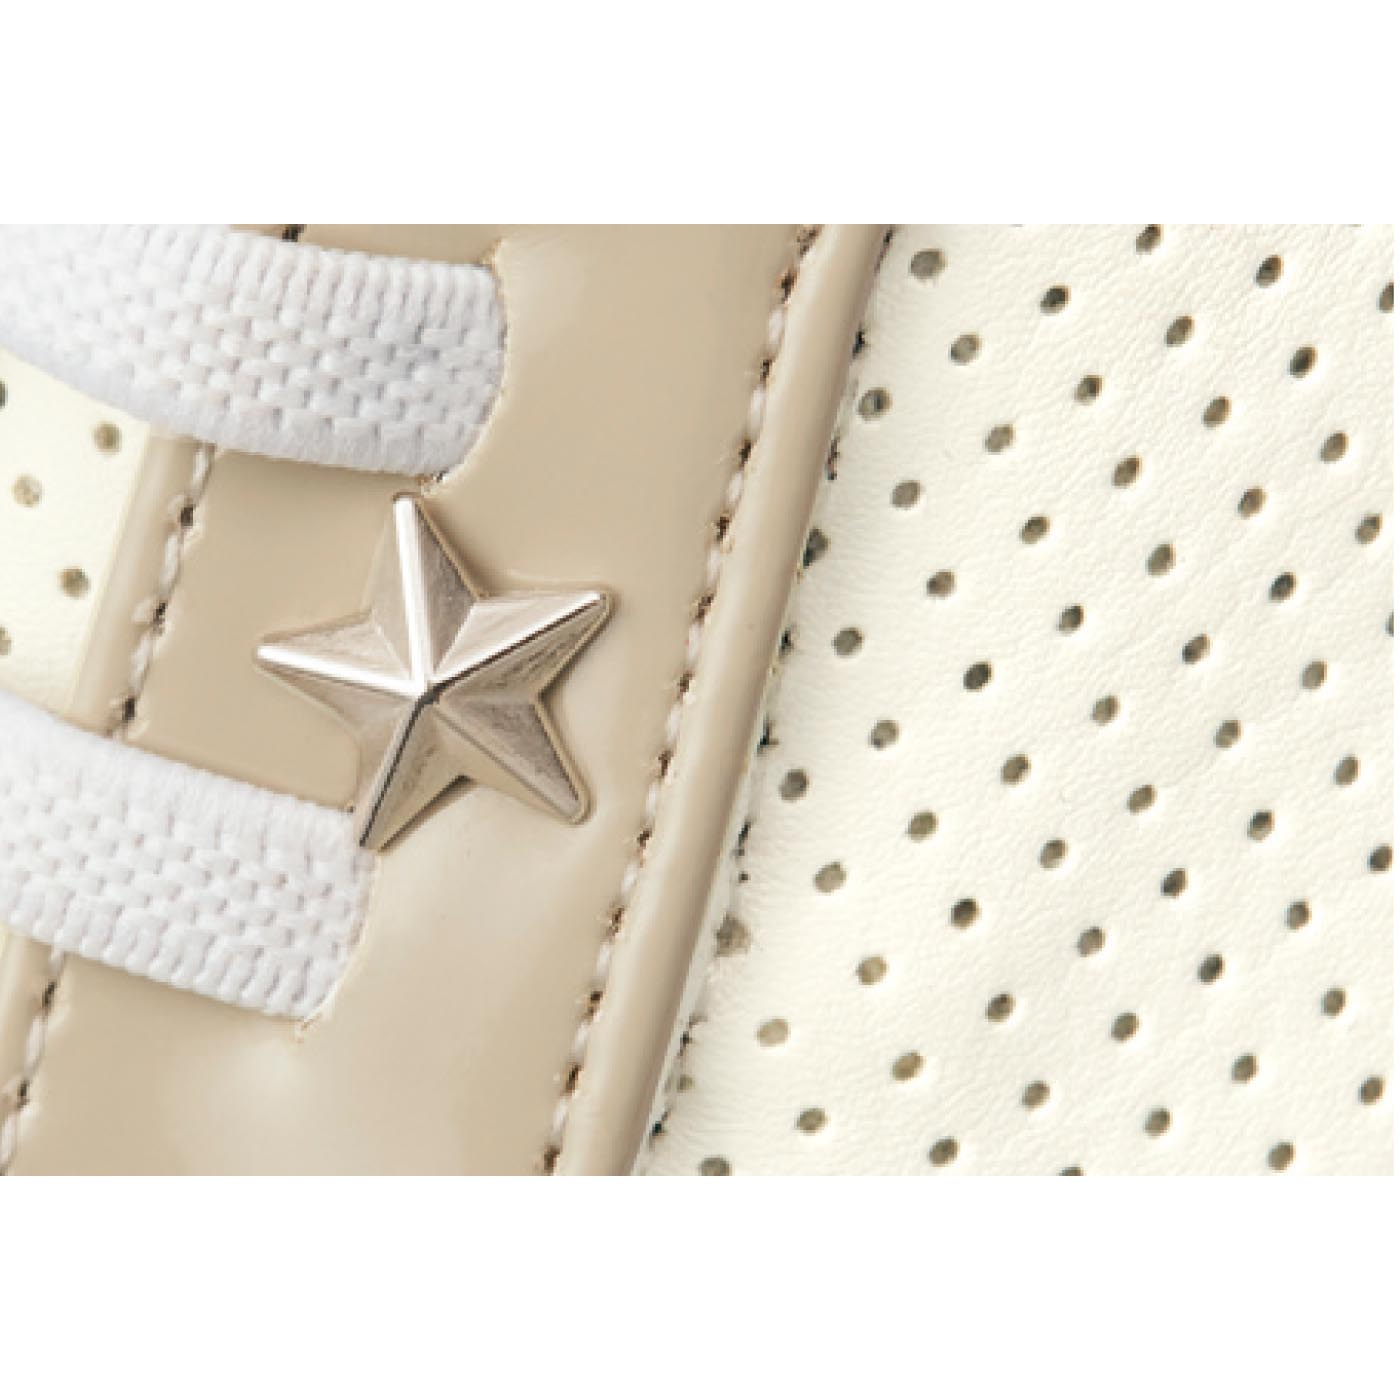 ※お届けするカラーとは異なります。 軽くてお手入れしやすい合成皮革のパンチング素材。通気性がよく、むれにくいので快適!